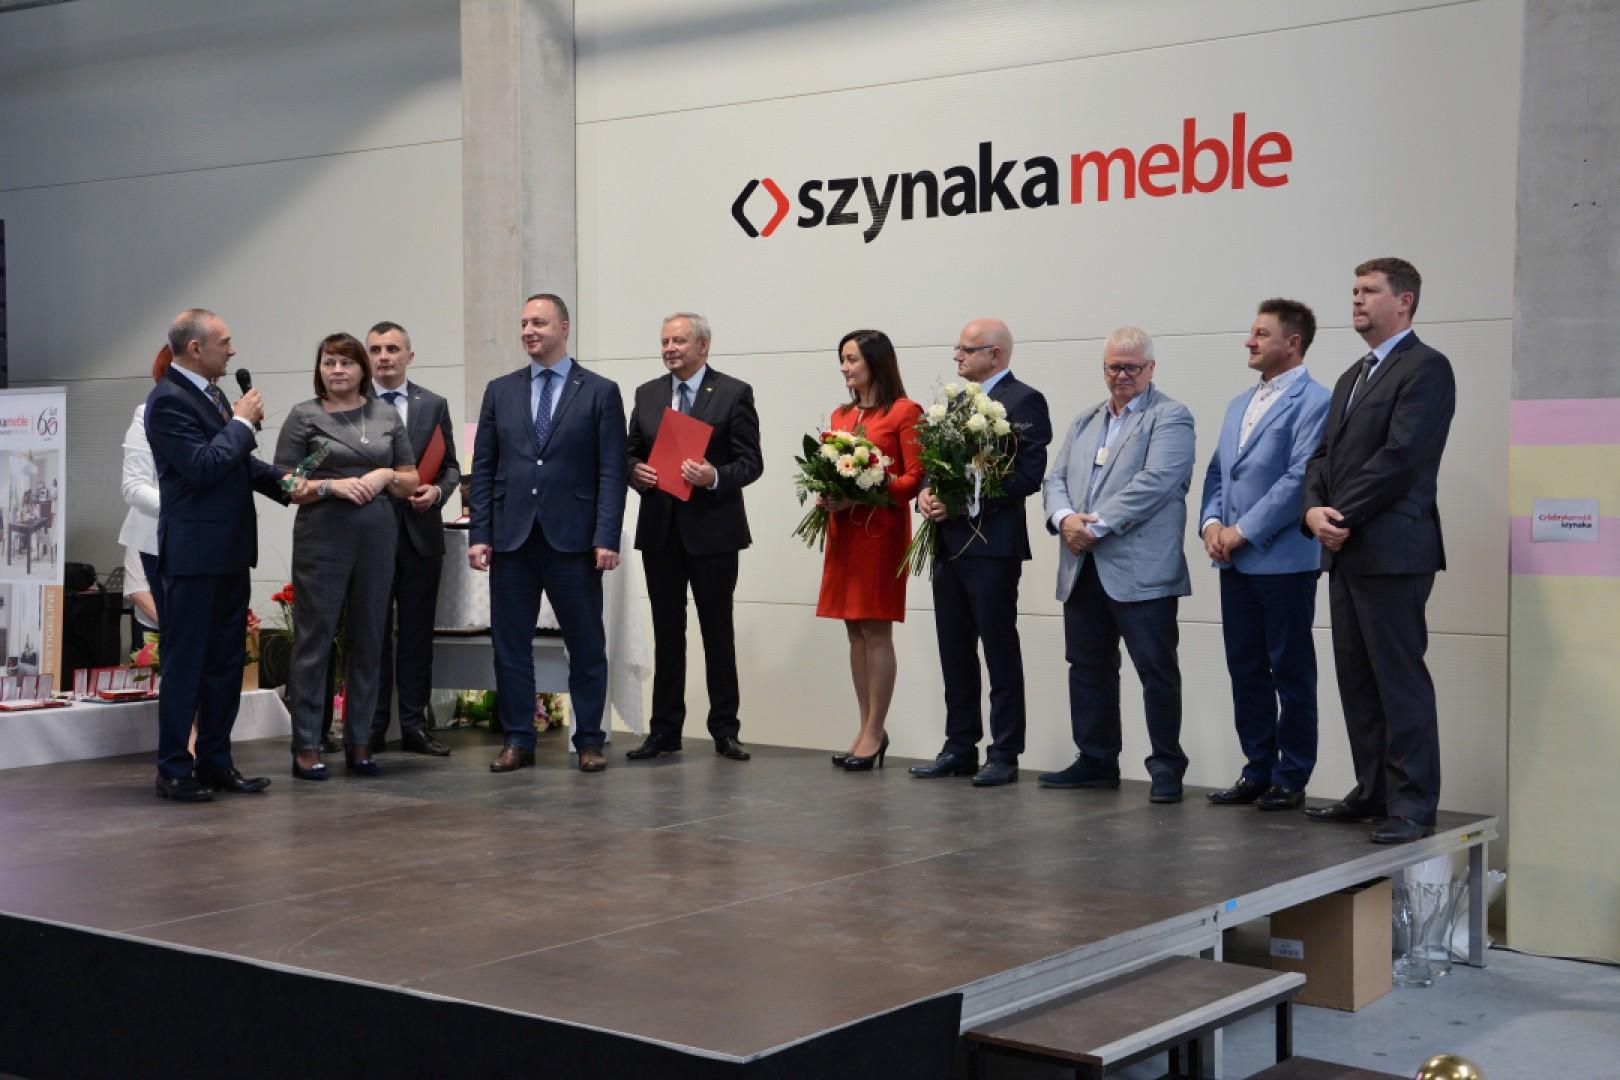 Uroczyste otwarcie nowej hali firmy Szynaka Meble